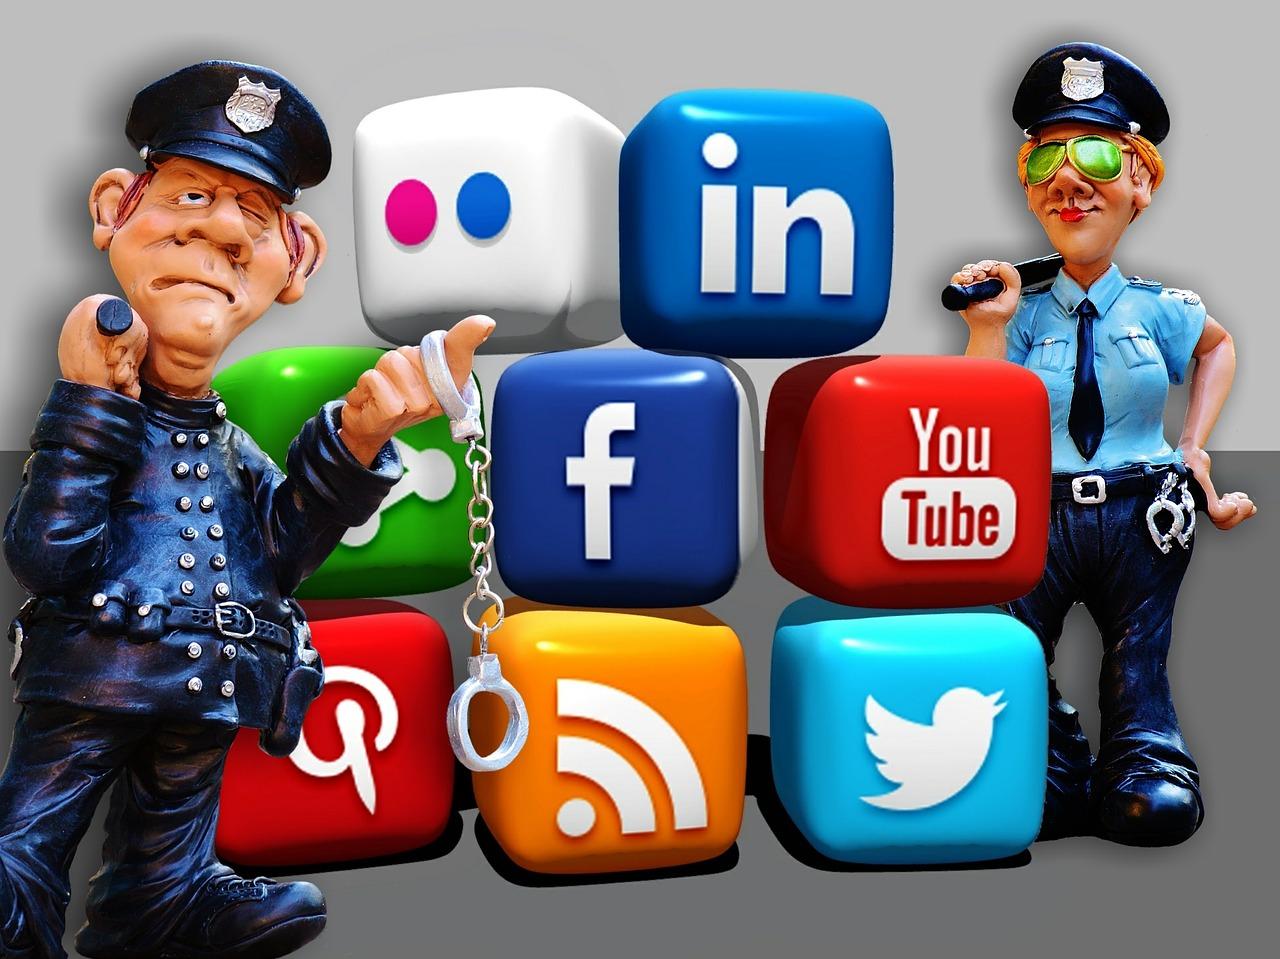 La importancia del diseño gráfico en las redes sociales